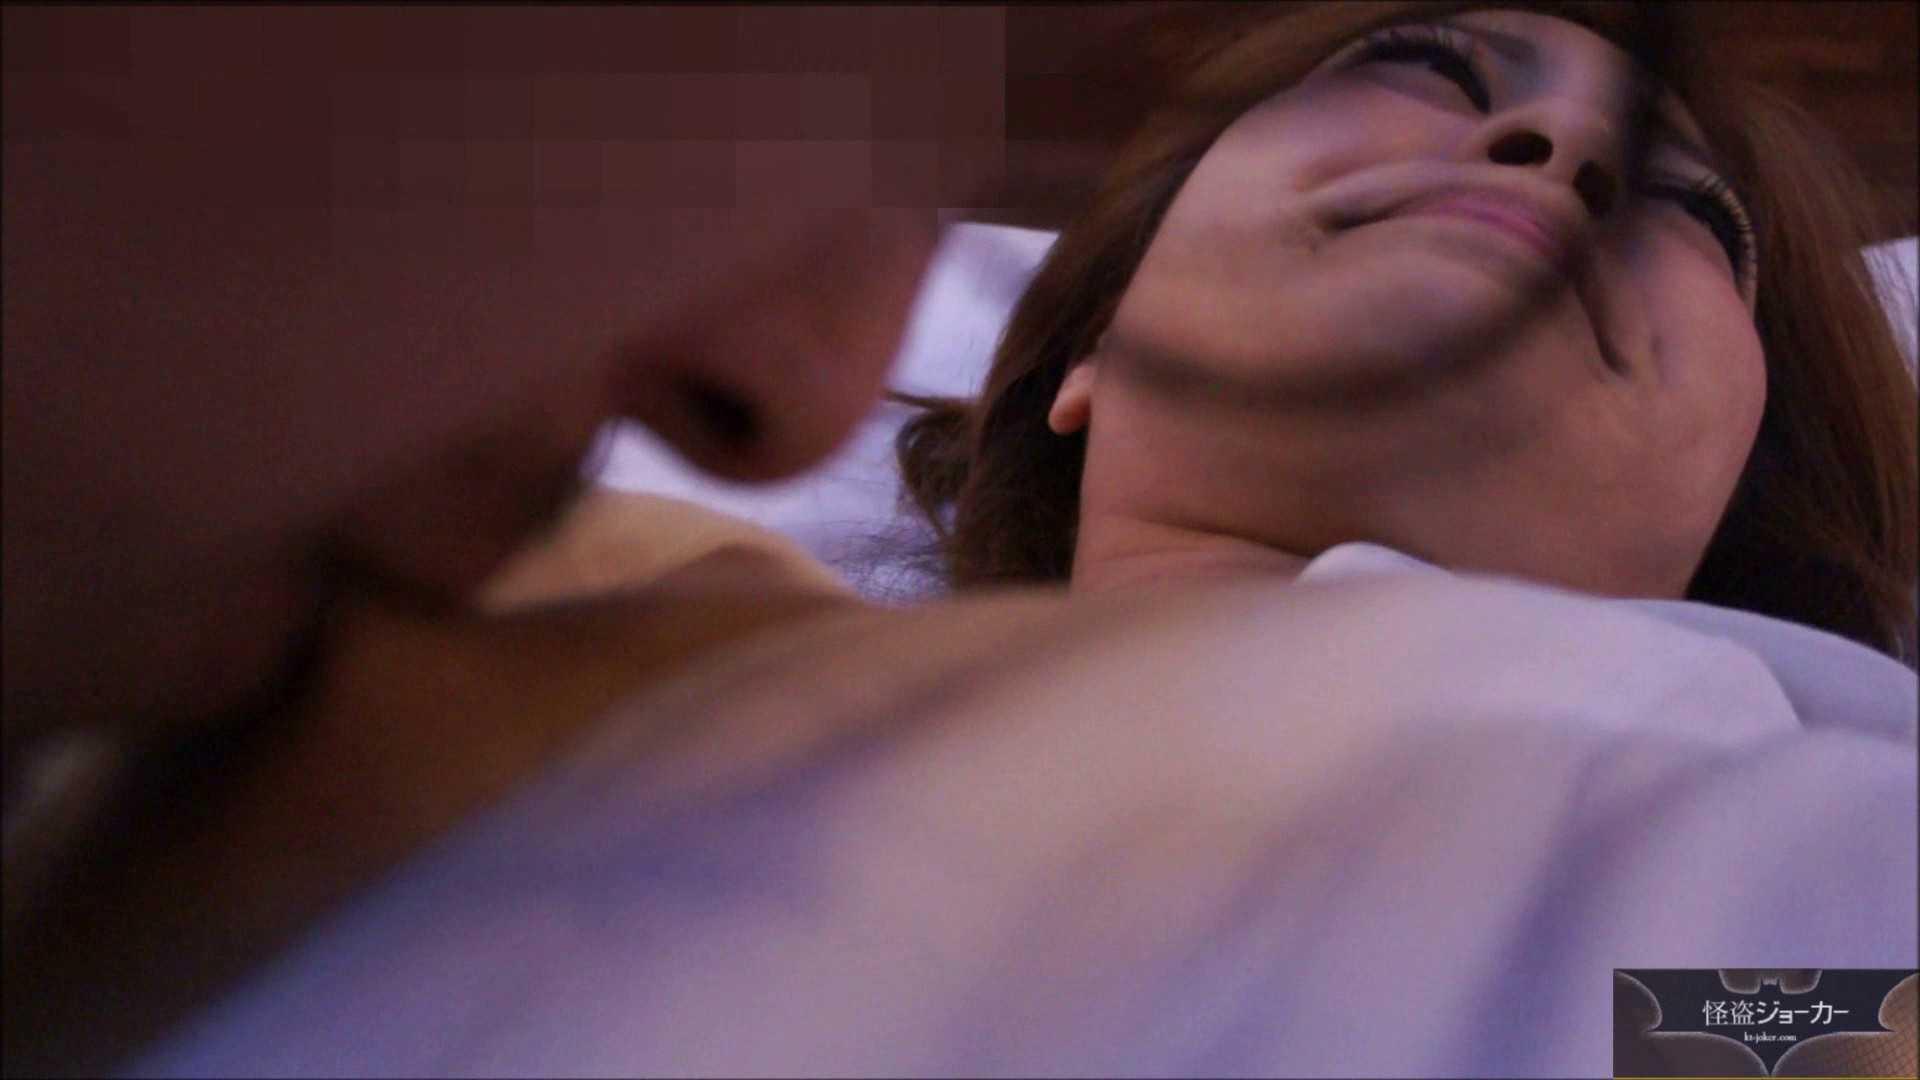 【未公開】vol.9 セレブ美魔女・ユキさんとの1年ぶりに会った日。 丸見え   高画質動画  96画像 25